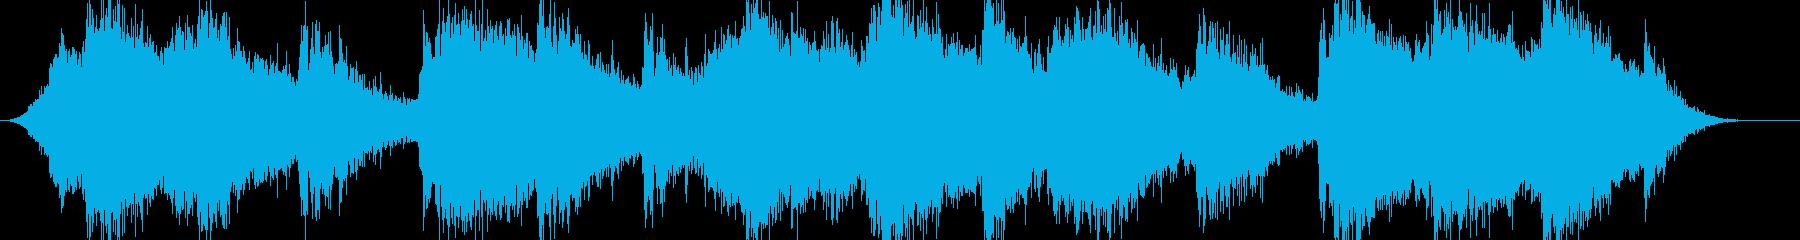 ホラーやサスペンス映画の雰囲気のBGMの再生済みの波形